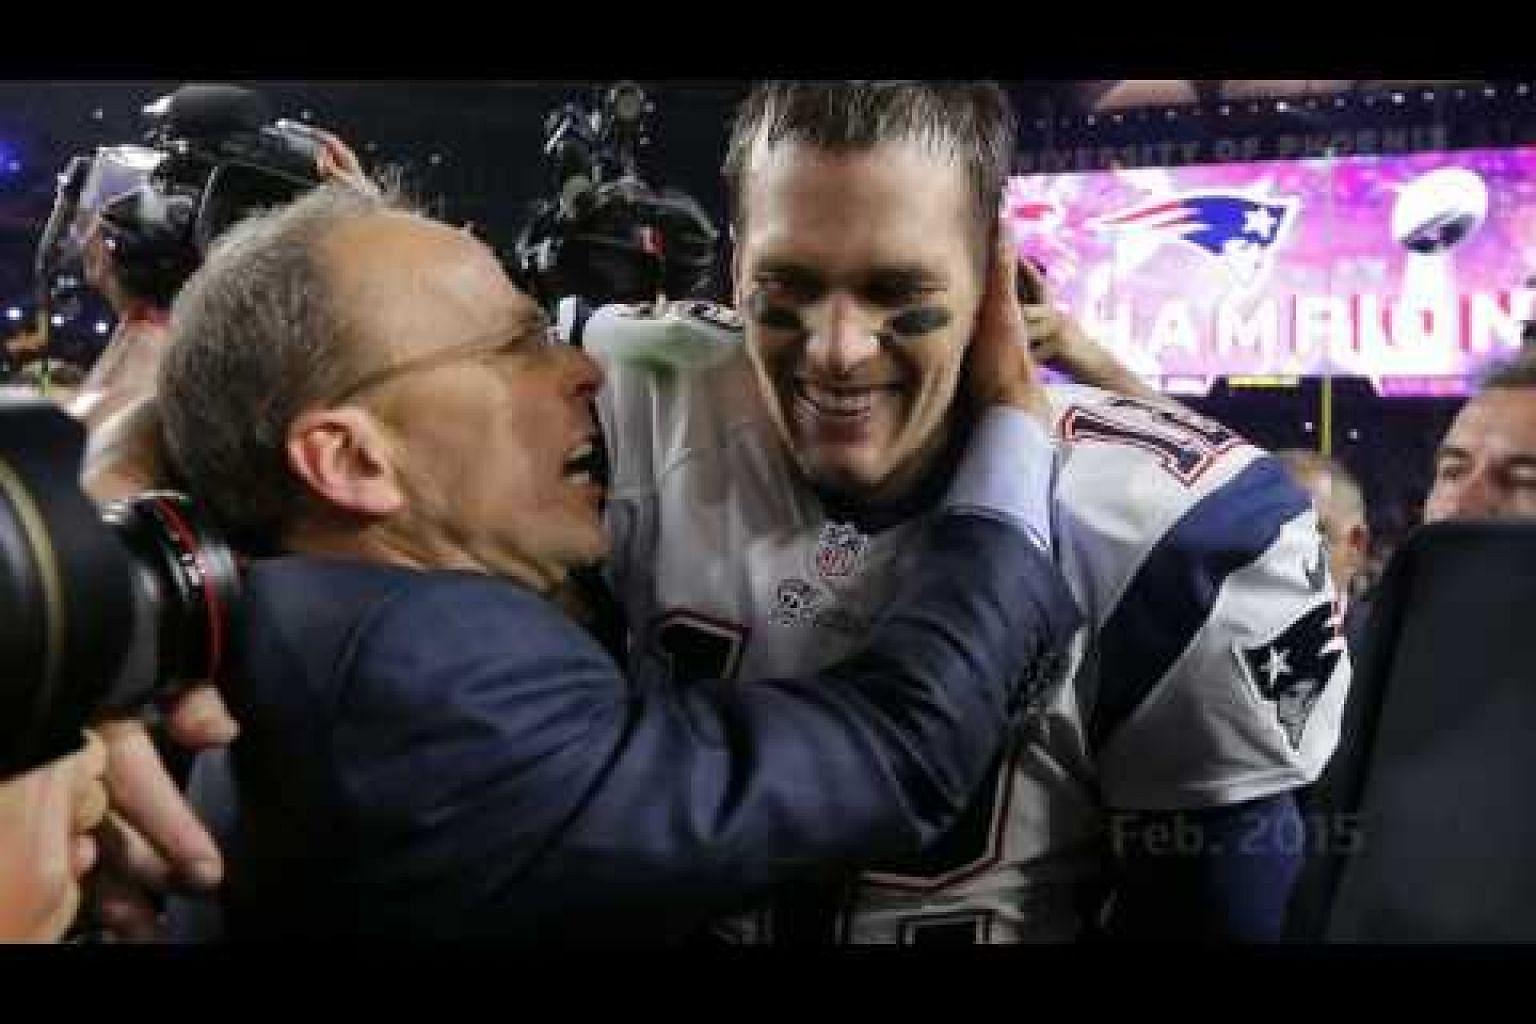 Tom Brady's stolen jersey found in Mexico